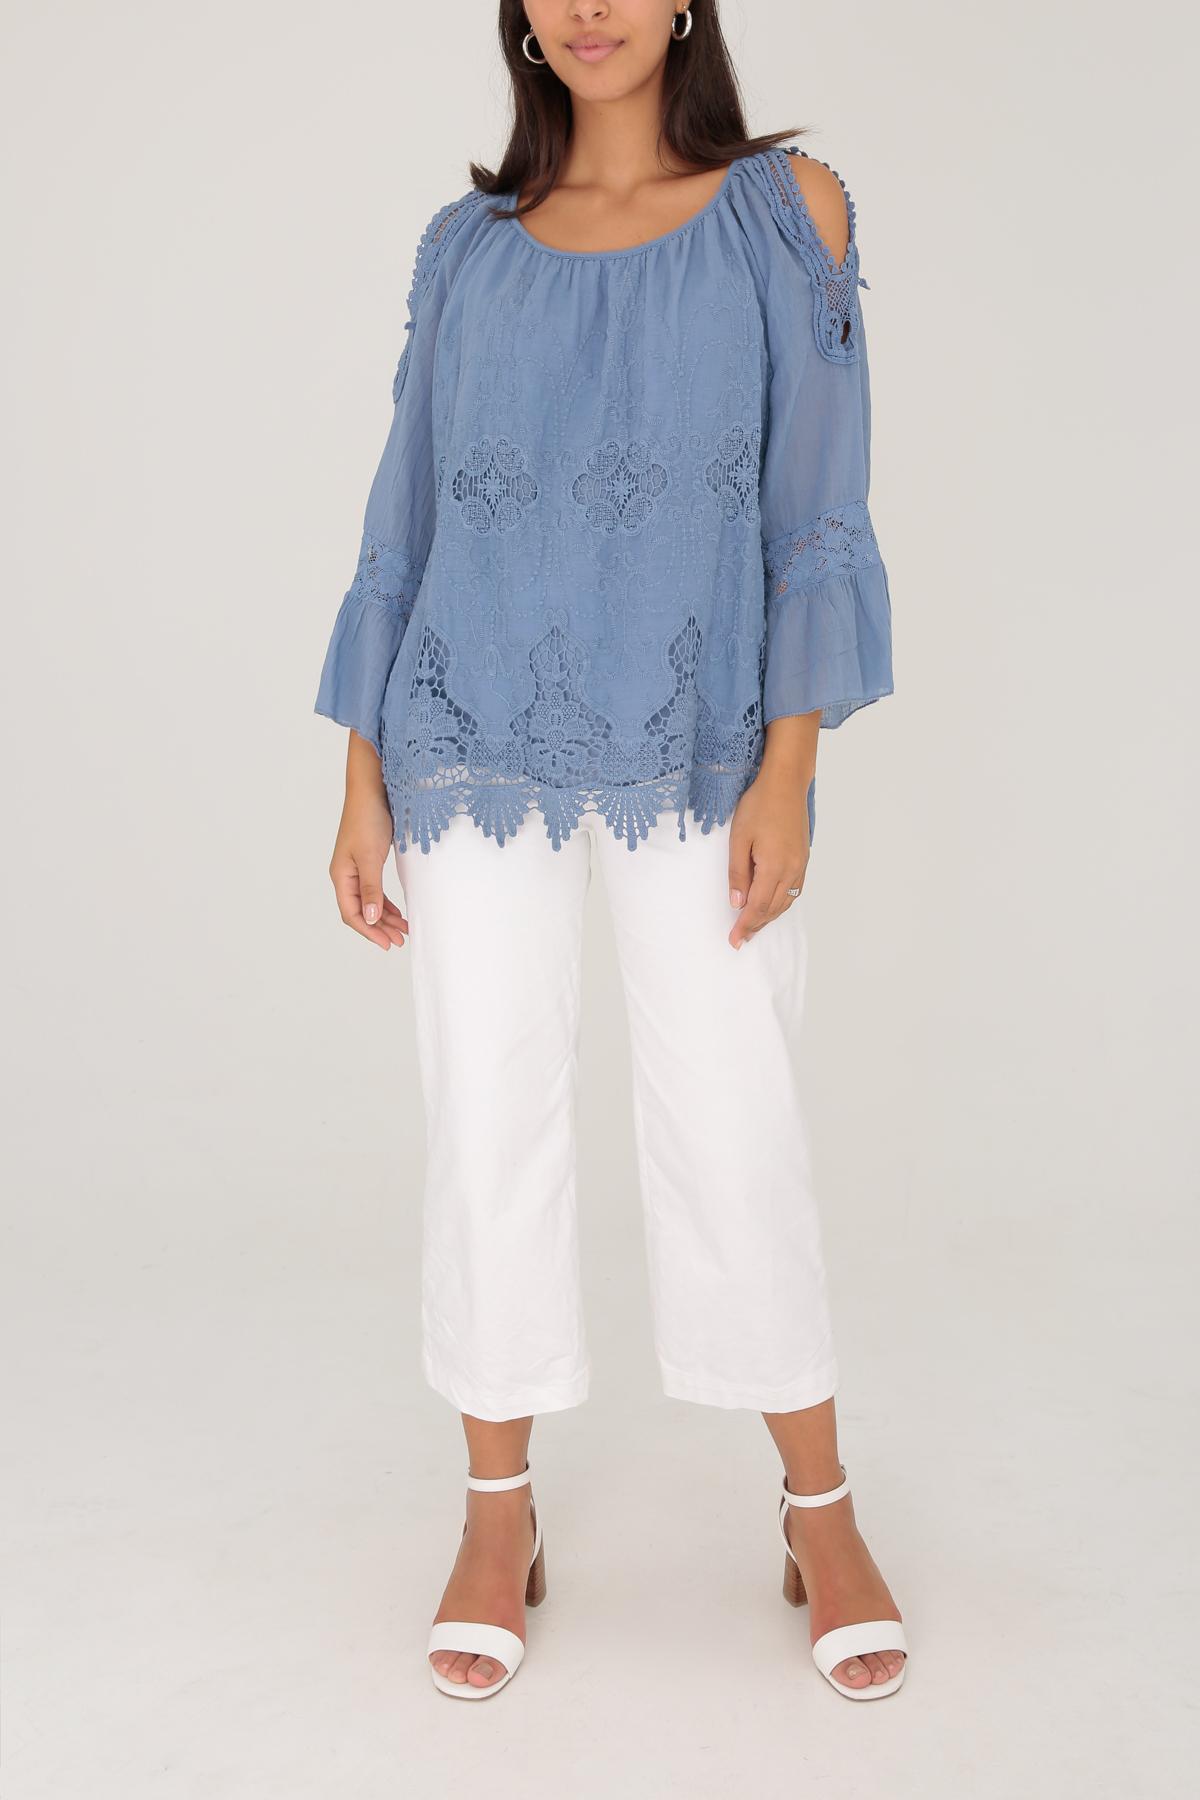 Colette Cotton Cold Shoulder Blouse  - Denin Blue, One Size 8-14